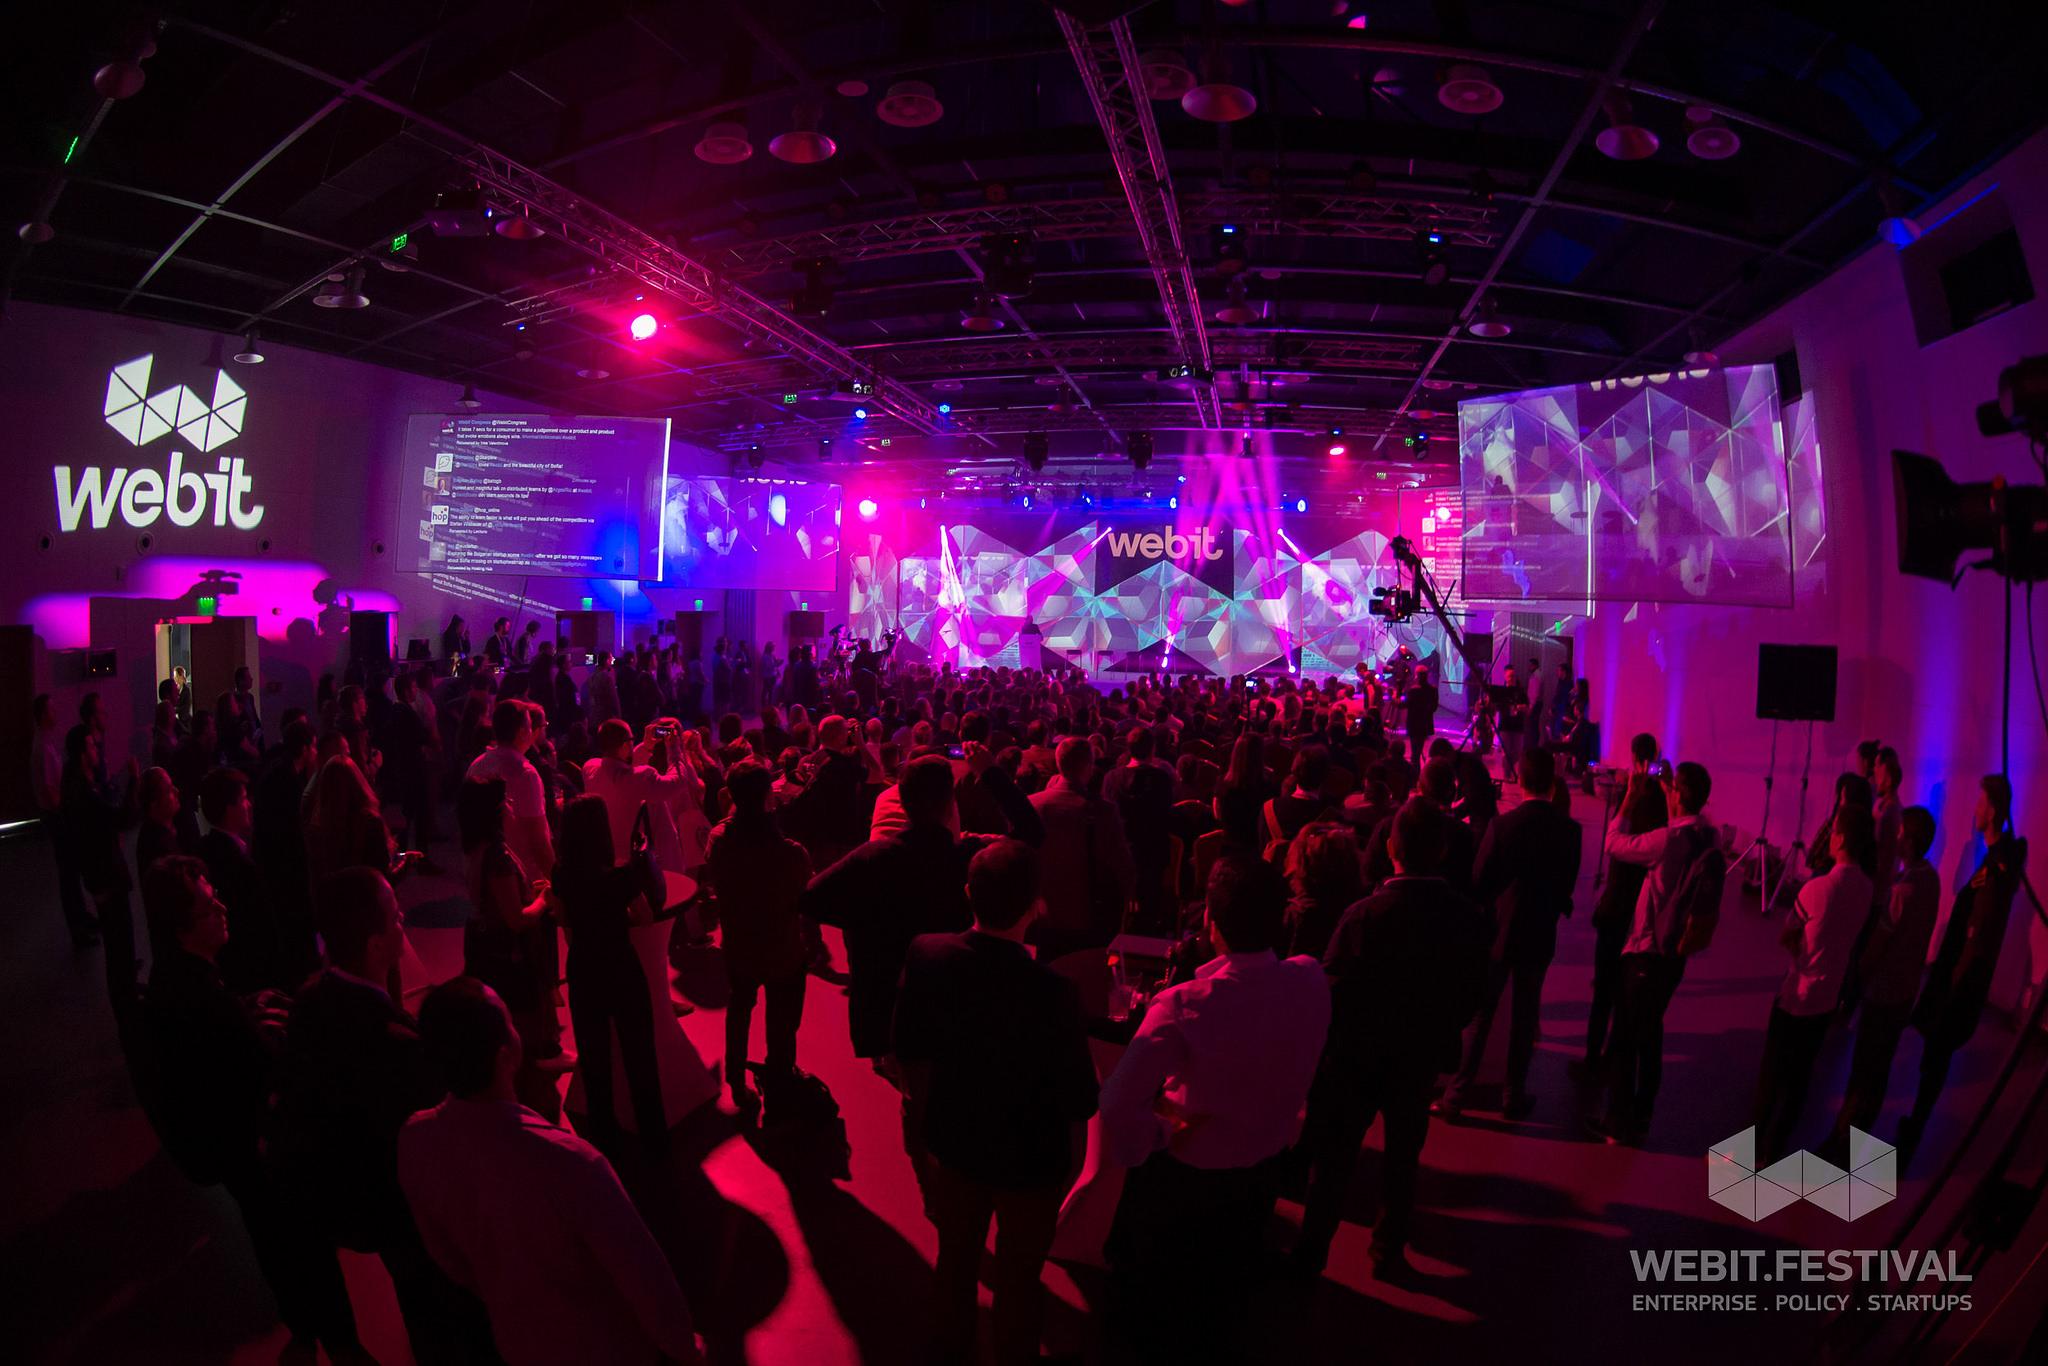 Webit.Festival 2016